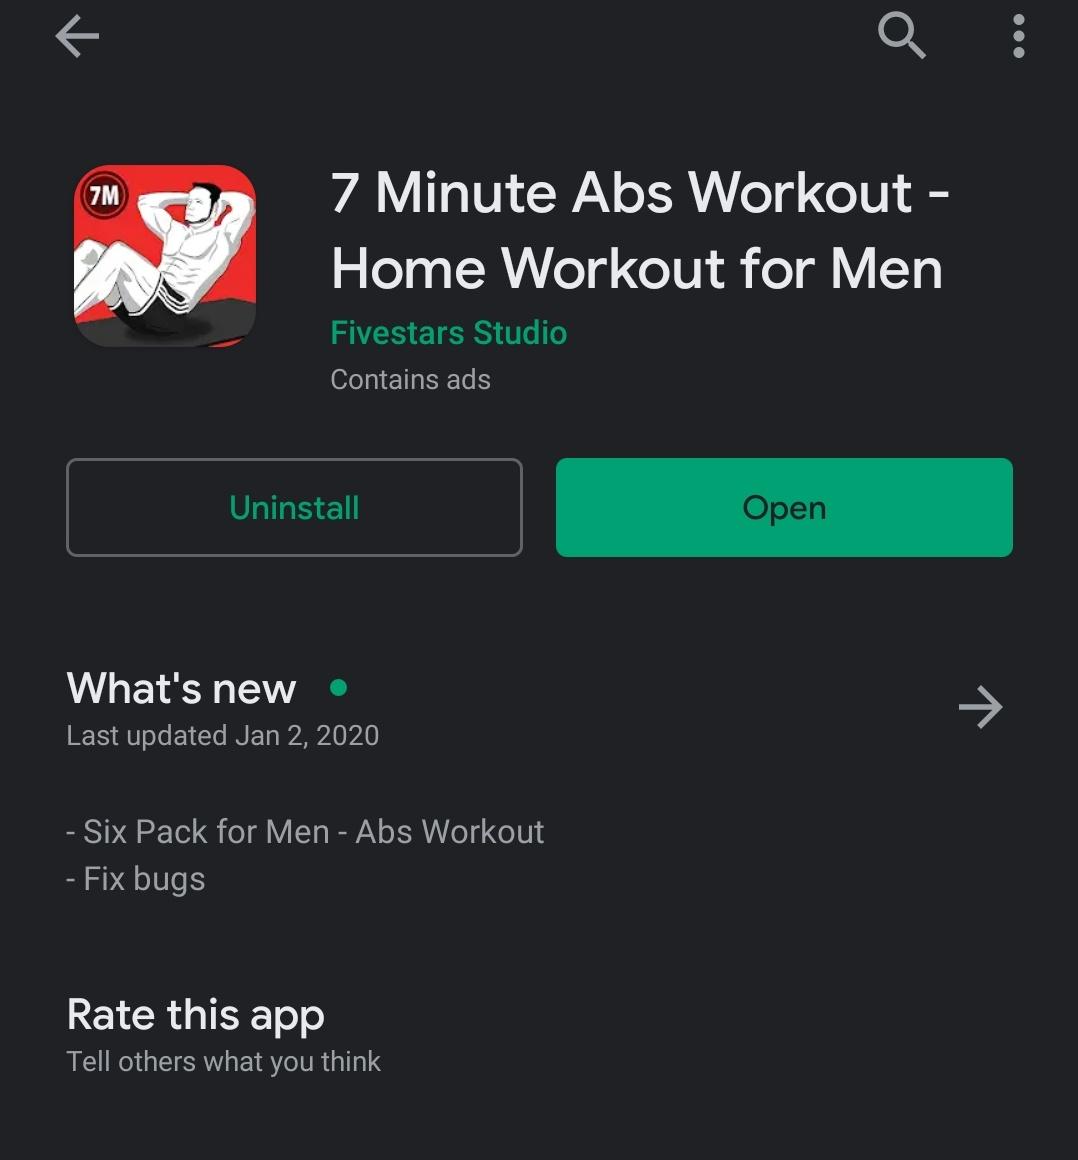 Mas Djay On Twitter Karena Emang Ga Mau Lari Di Outdoor Dulu Dan Gak Punya Treadmill Maka Satu Satunya Workout Yang Masih Bisa Jalan Adalah Strength Core Training Tentu Saja Kalau Bingung Gerakannya Bisa